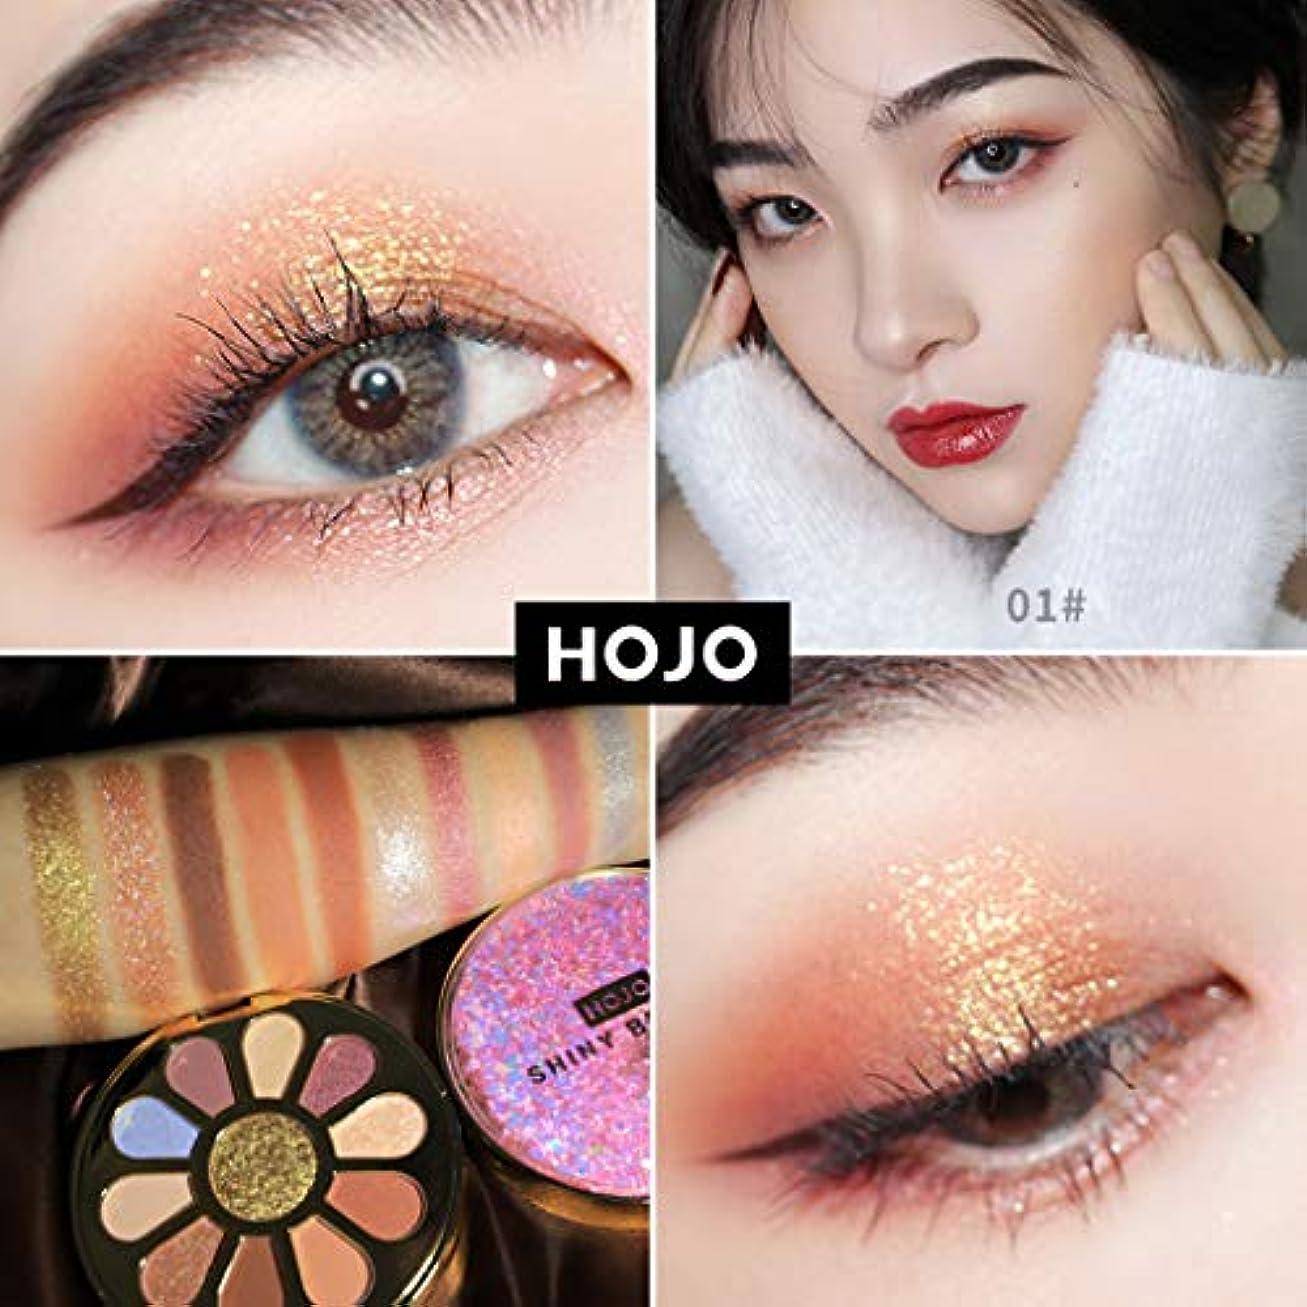 苦悩表向き不器用Akane アイシャドウパレット HOJO ファッション 魅力的 高級 美しい 優雅な 花 綺麗 キラキラ 素敵 持ち便利 日常 Eye Shadow (11色) 8031